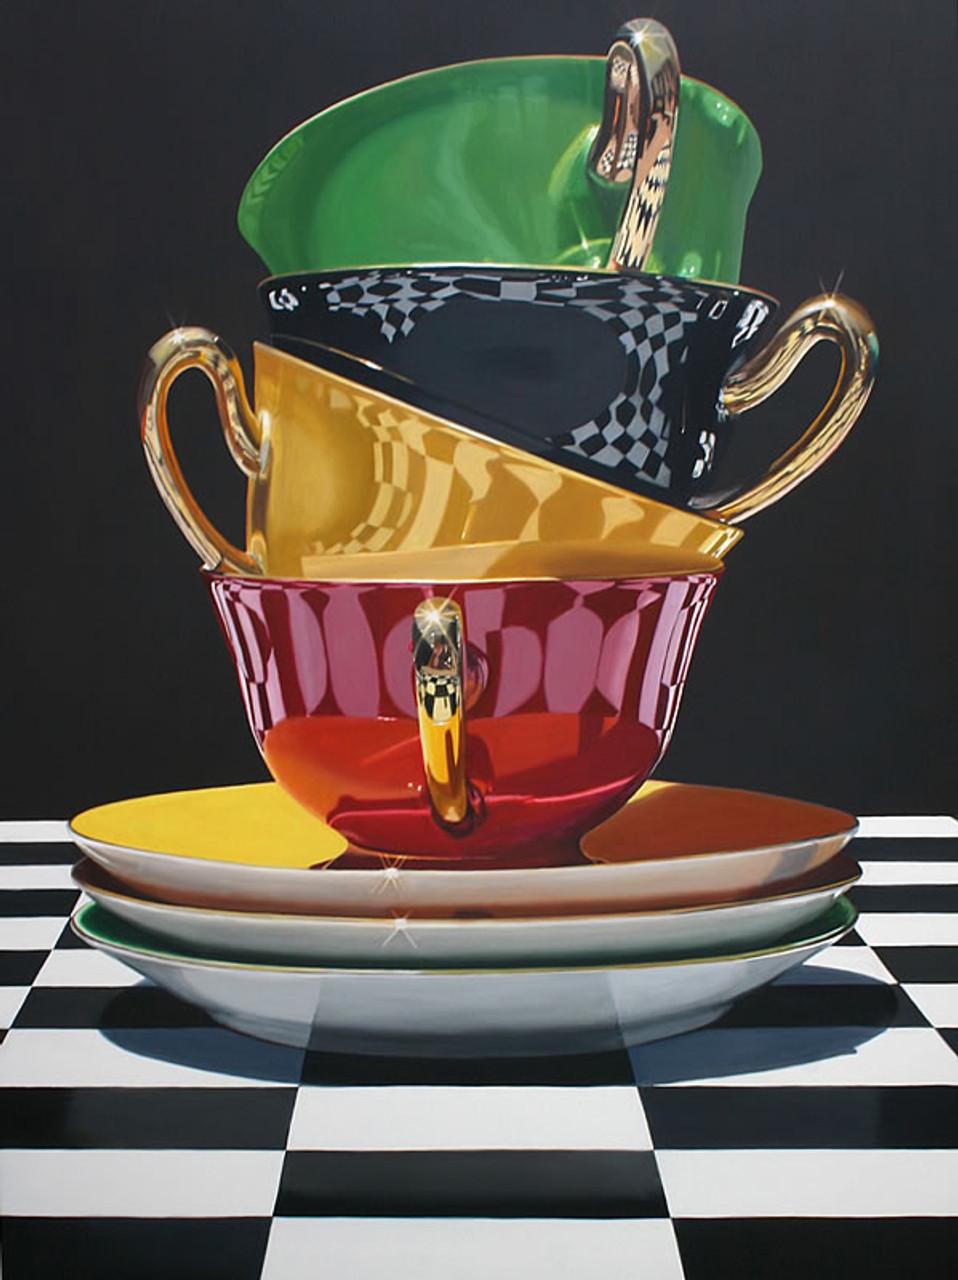 Towering Teacups